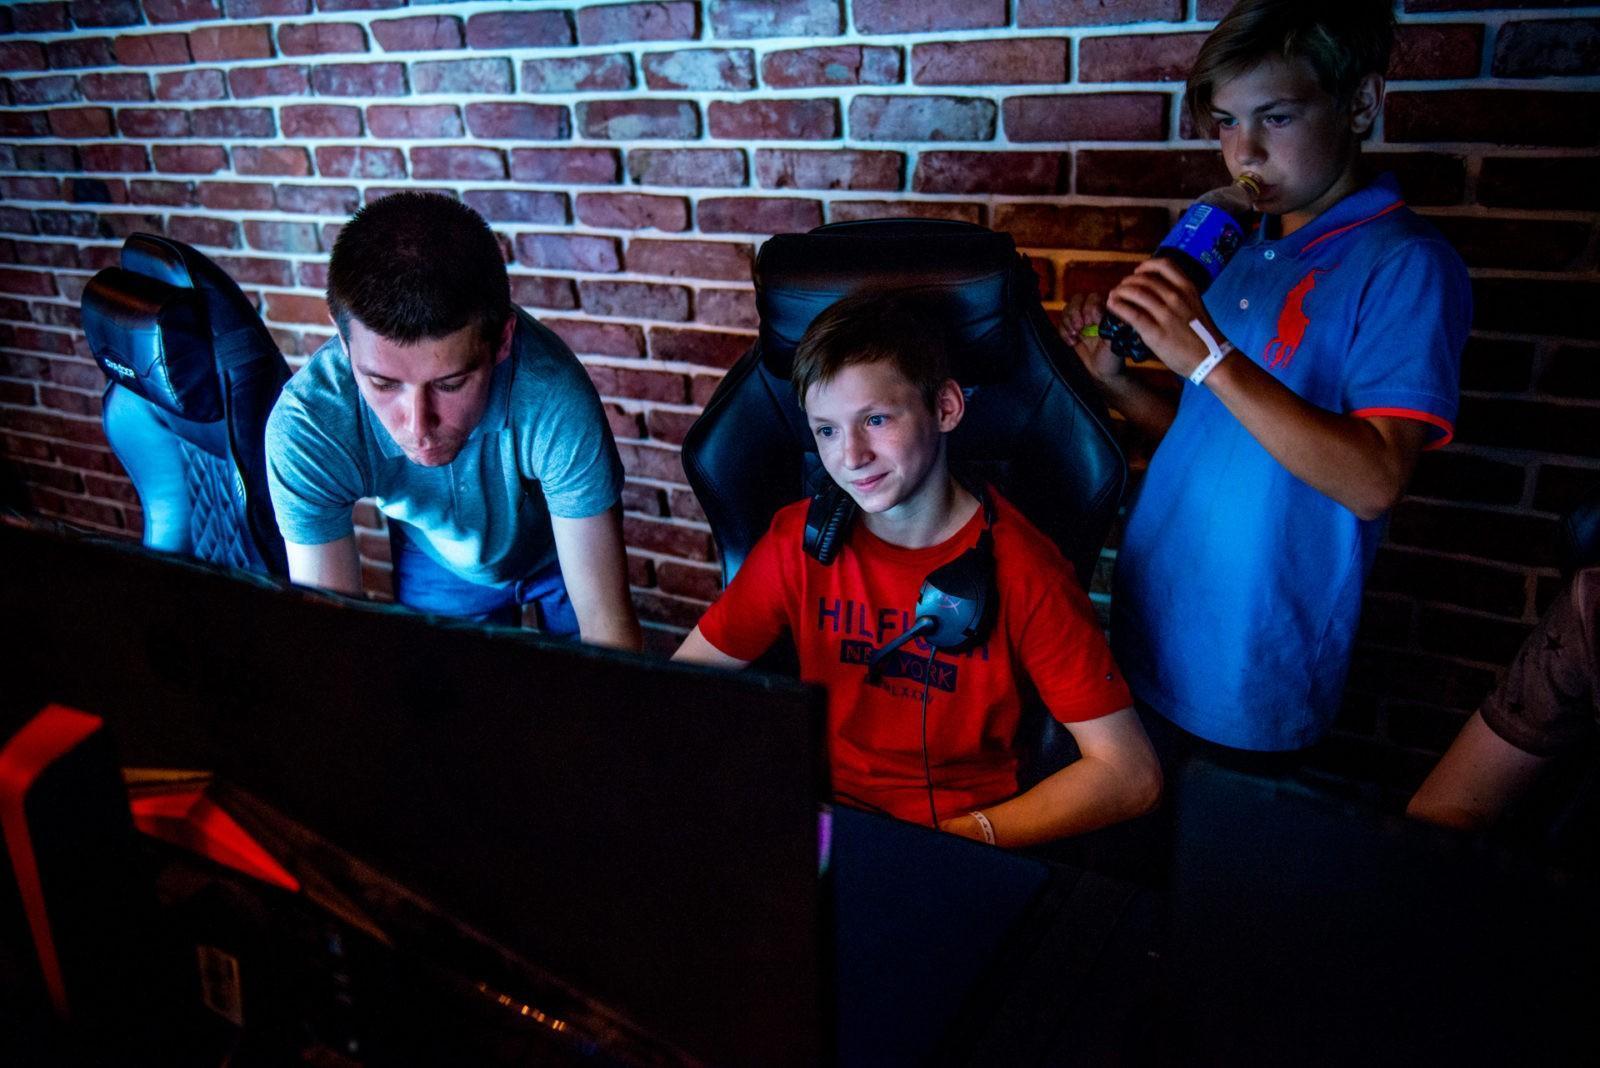 В Москве прошел чемпионат по киберспорту среди уникальных геймеров 3